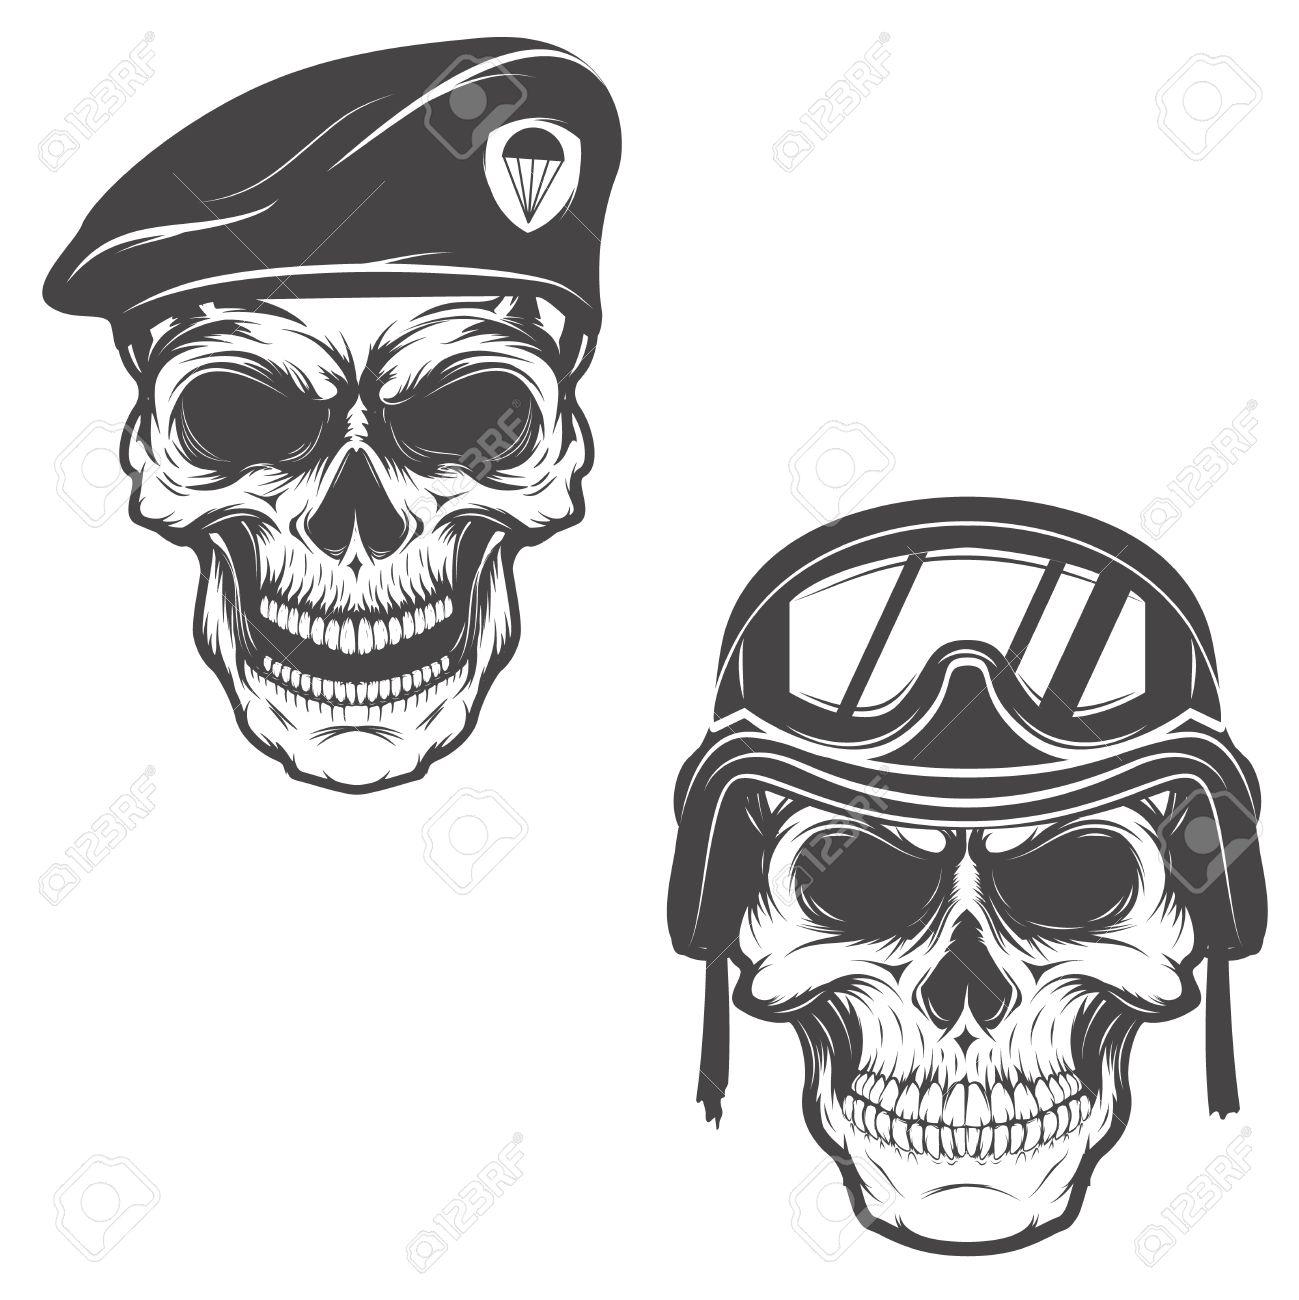 Militär-Schädel. Schädel In Fallschirmjäger Barett. Schädel In ...